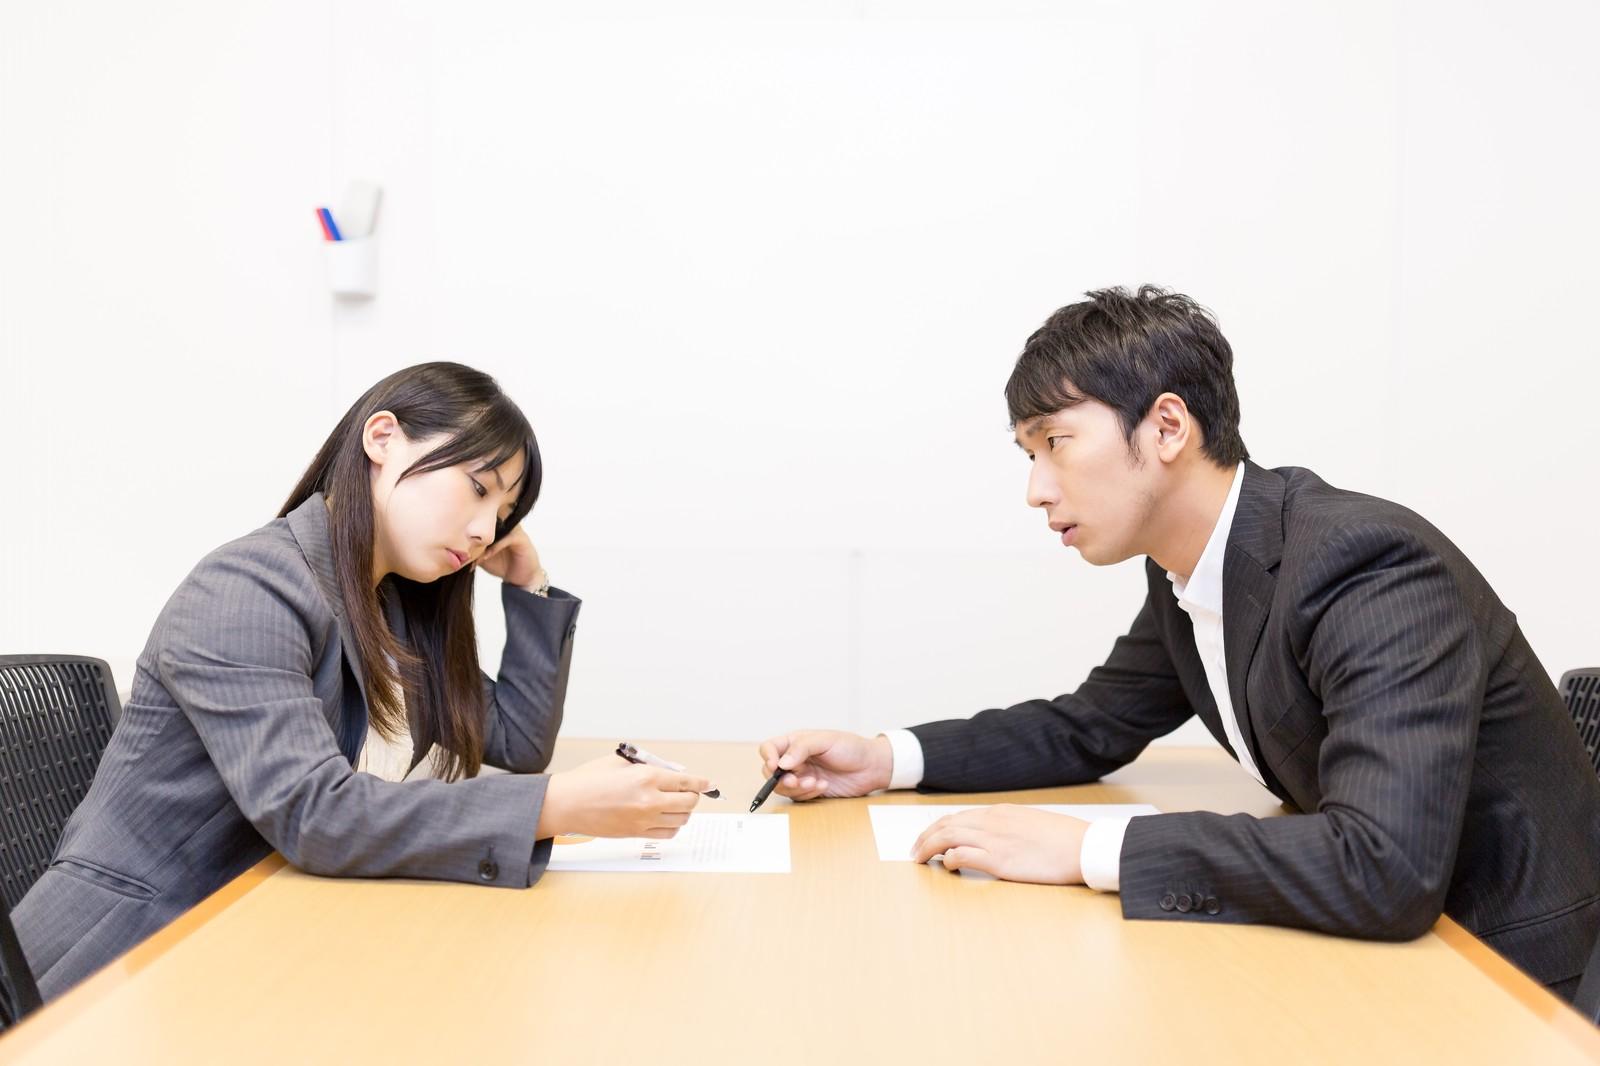 派遣の仕事がつまらないと感じているなら、正社員を目指さない?